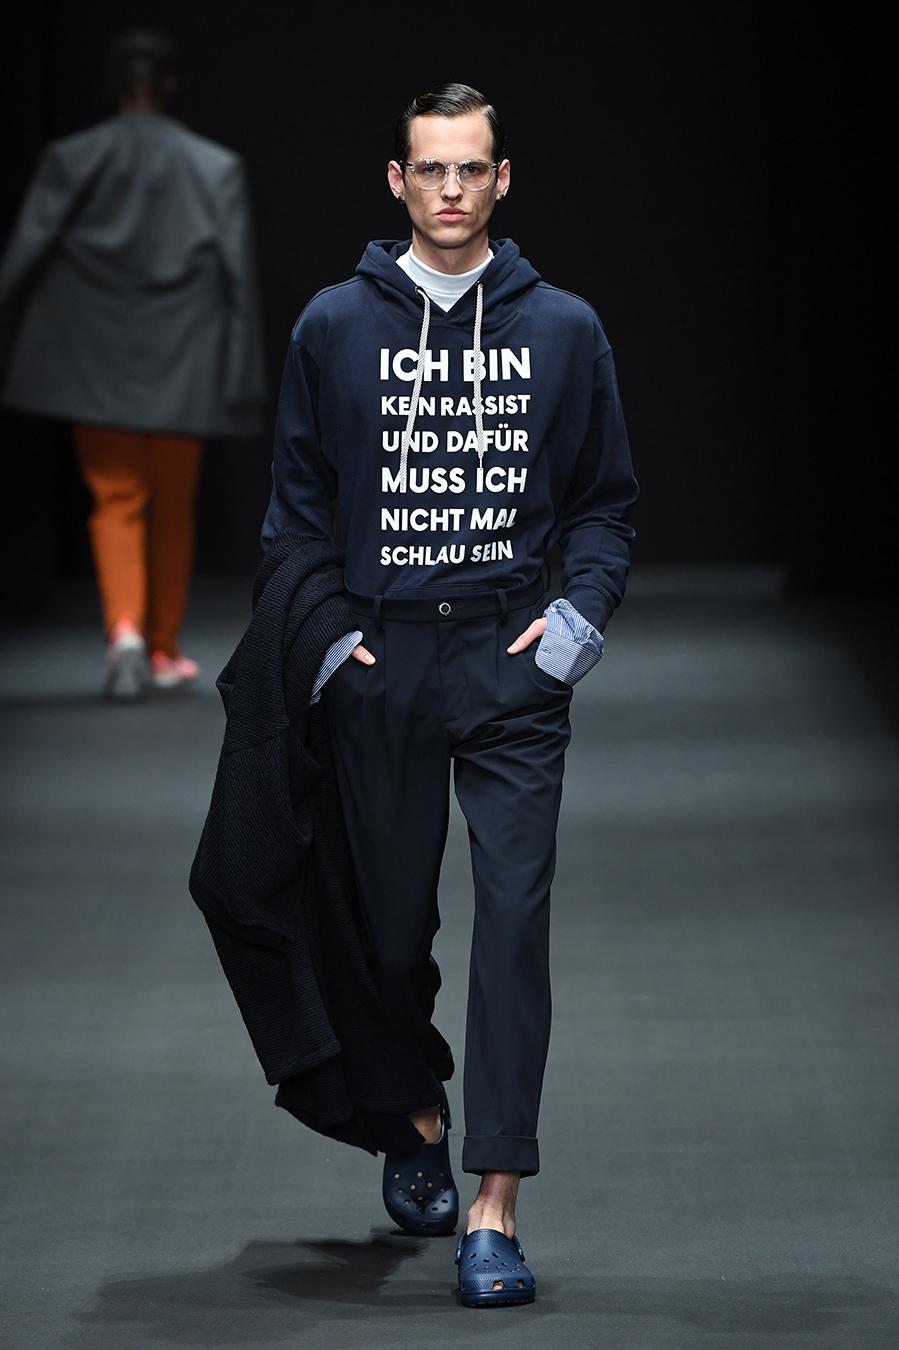 Just-take-a-look Berlin - Kilian Kerner-Show - MBFW A:W 2019-20.jpg DSC_2536_20190115100058449_20190115101028